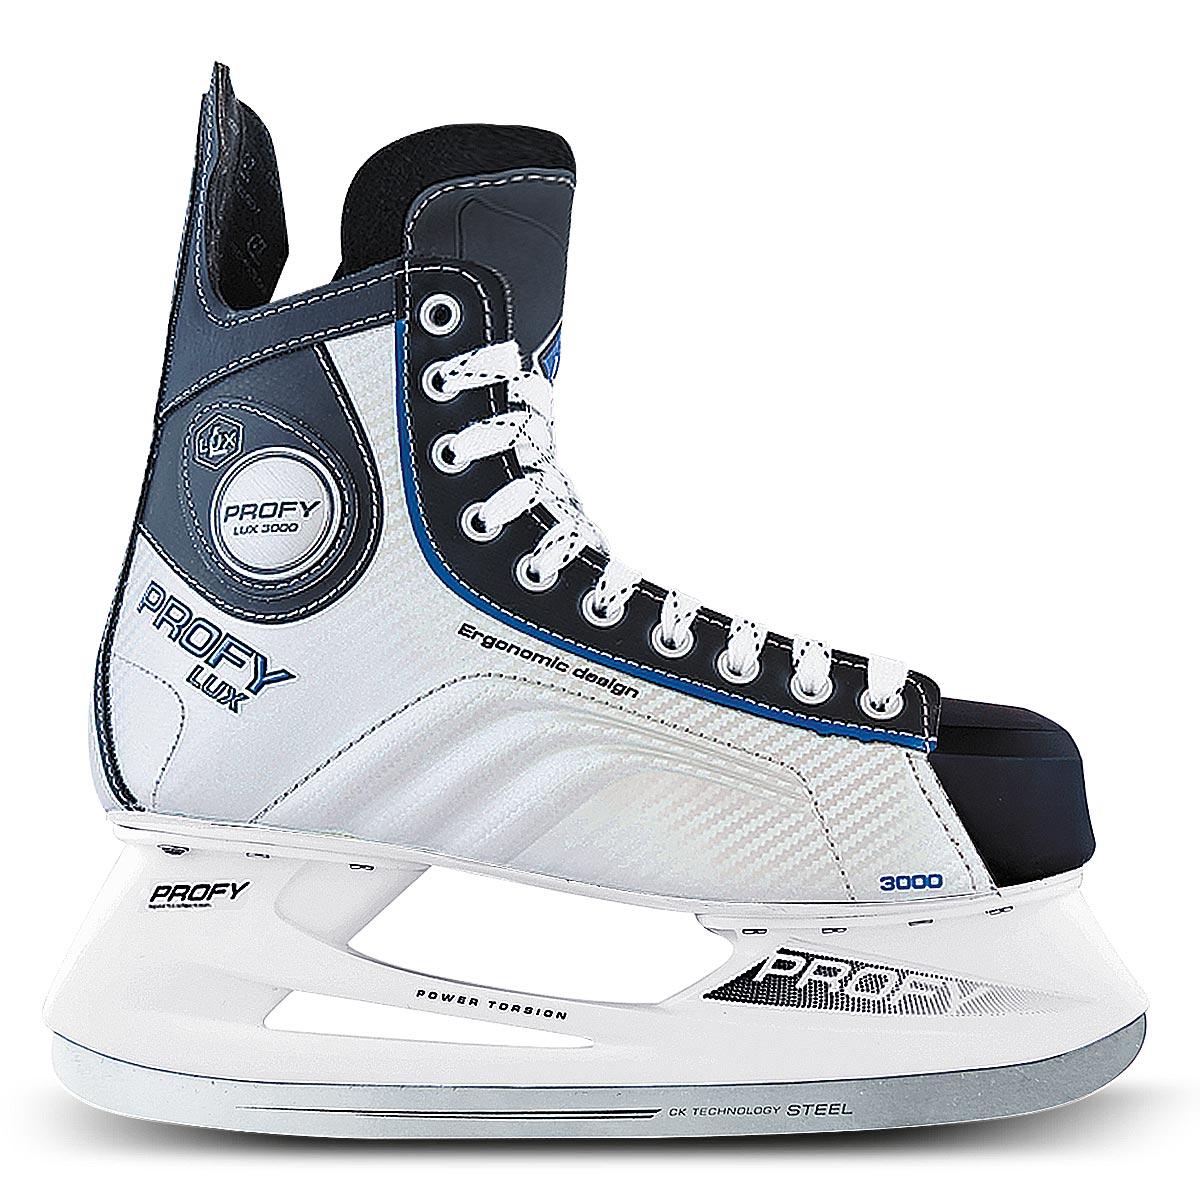 Коньки хоккейные мужские СК Profy Lux 3000, цвет: черный, серебряный, синий. Размер 40